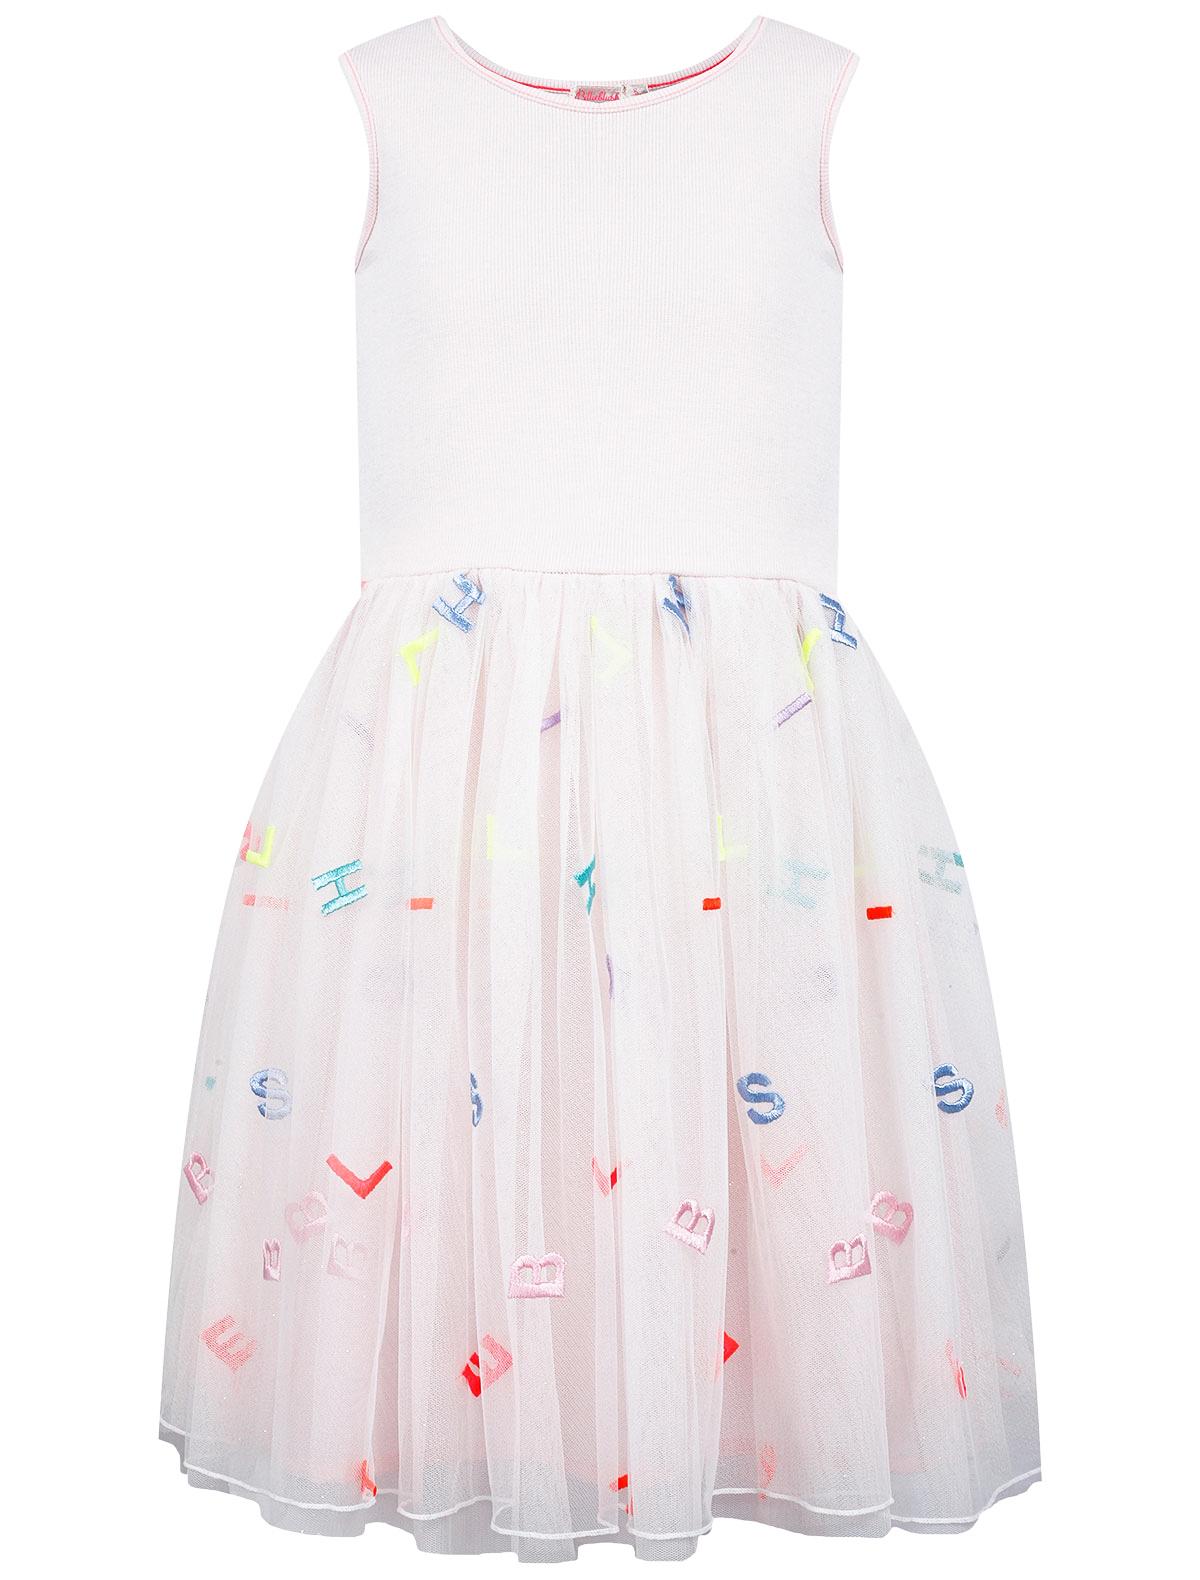 Купить 2311062, Платье Billieblush, розовый, Женский, 1054609178065